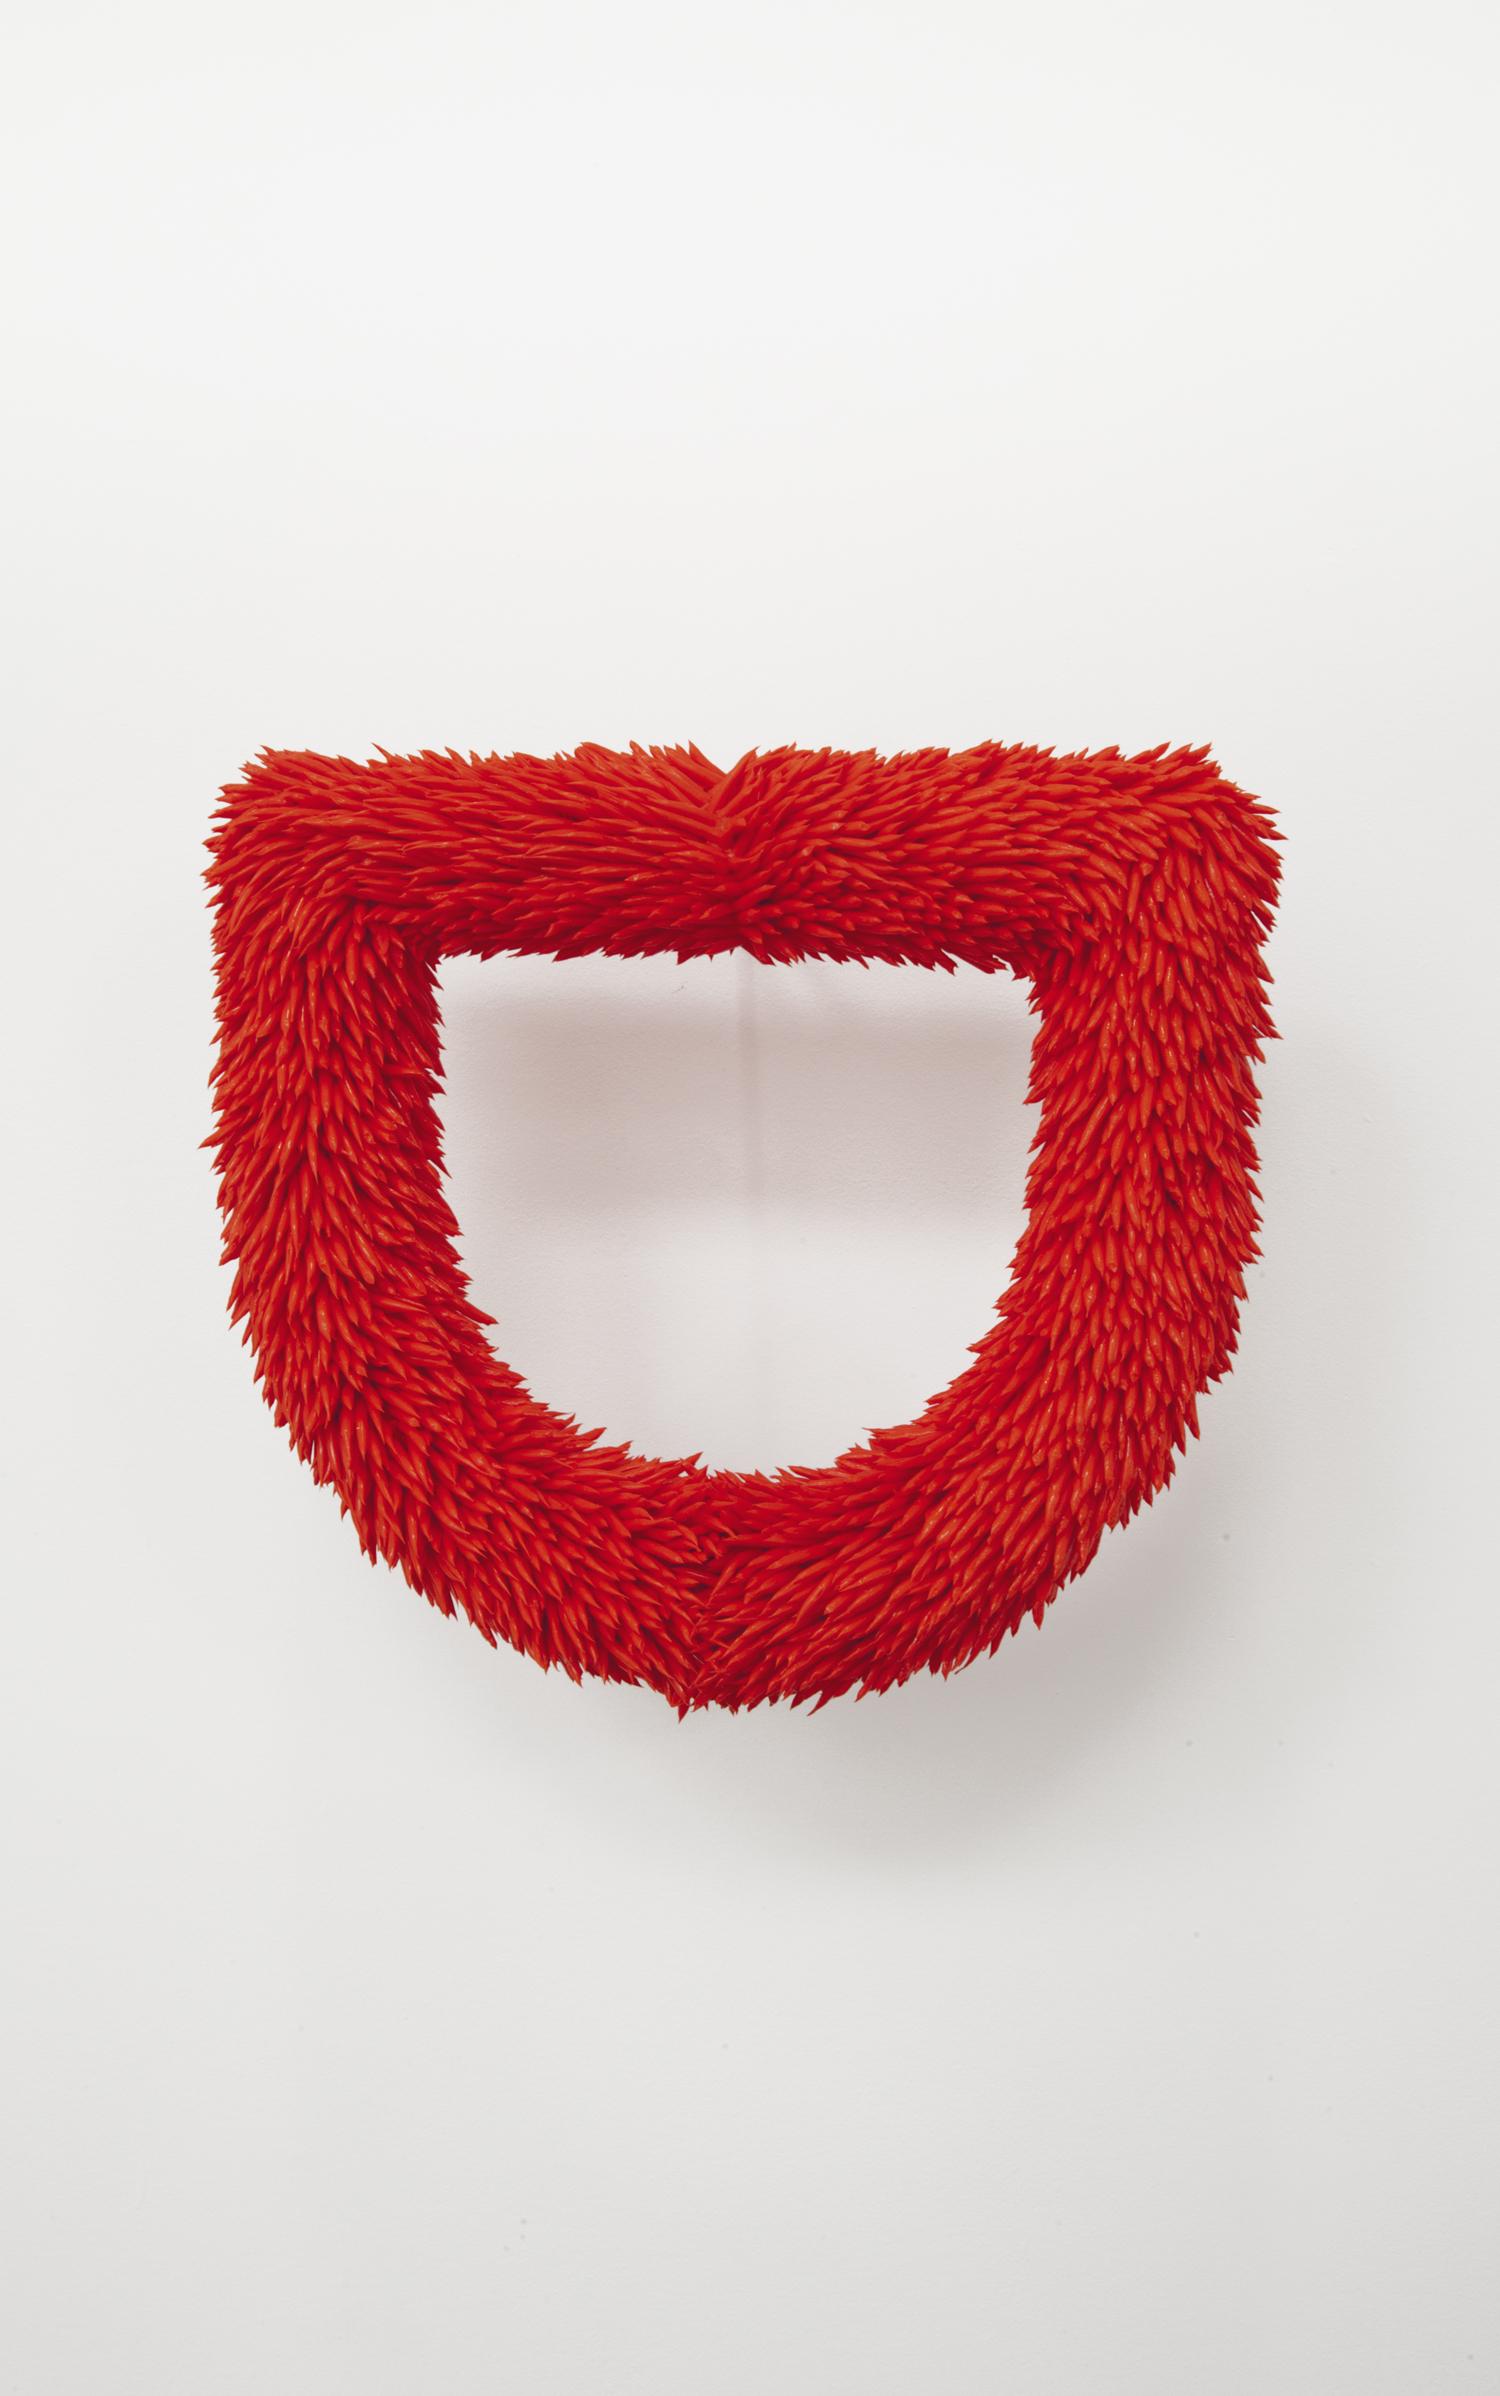 red fur  2018  acrylic, styrofoam, papier maché 12 x 13 x 2.5 inches